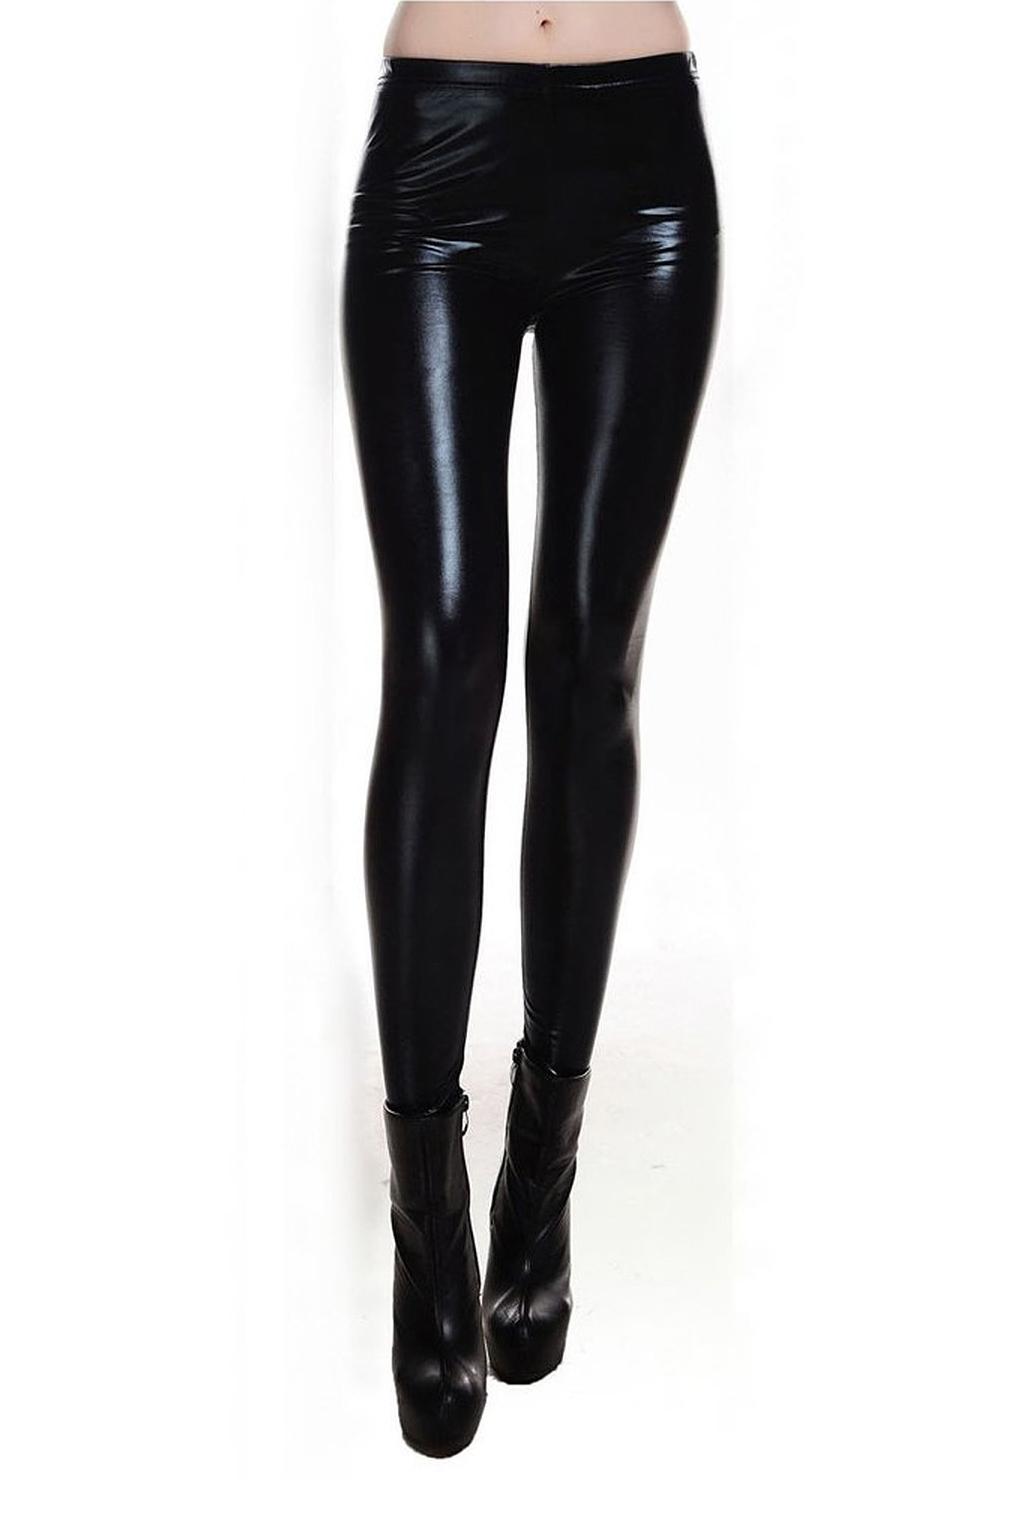 90a3de2db9e65 Metallic Wet Look Liquid Leggings Shiny Stretch Women Pencil Pants ...